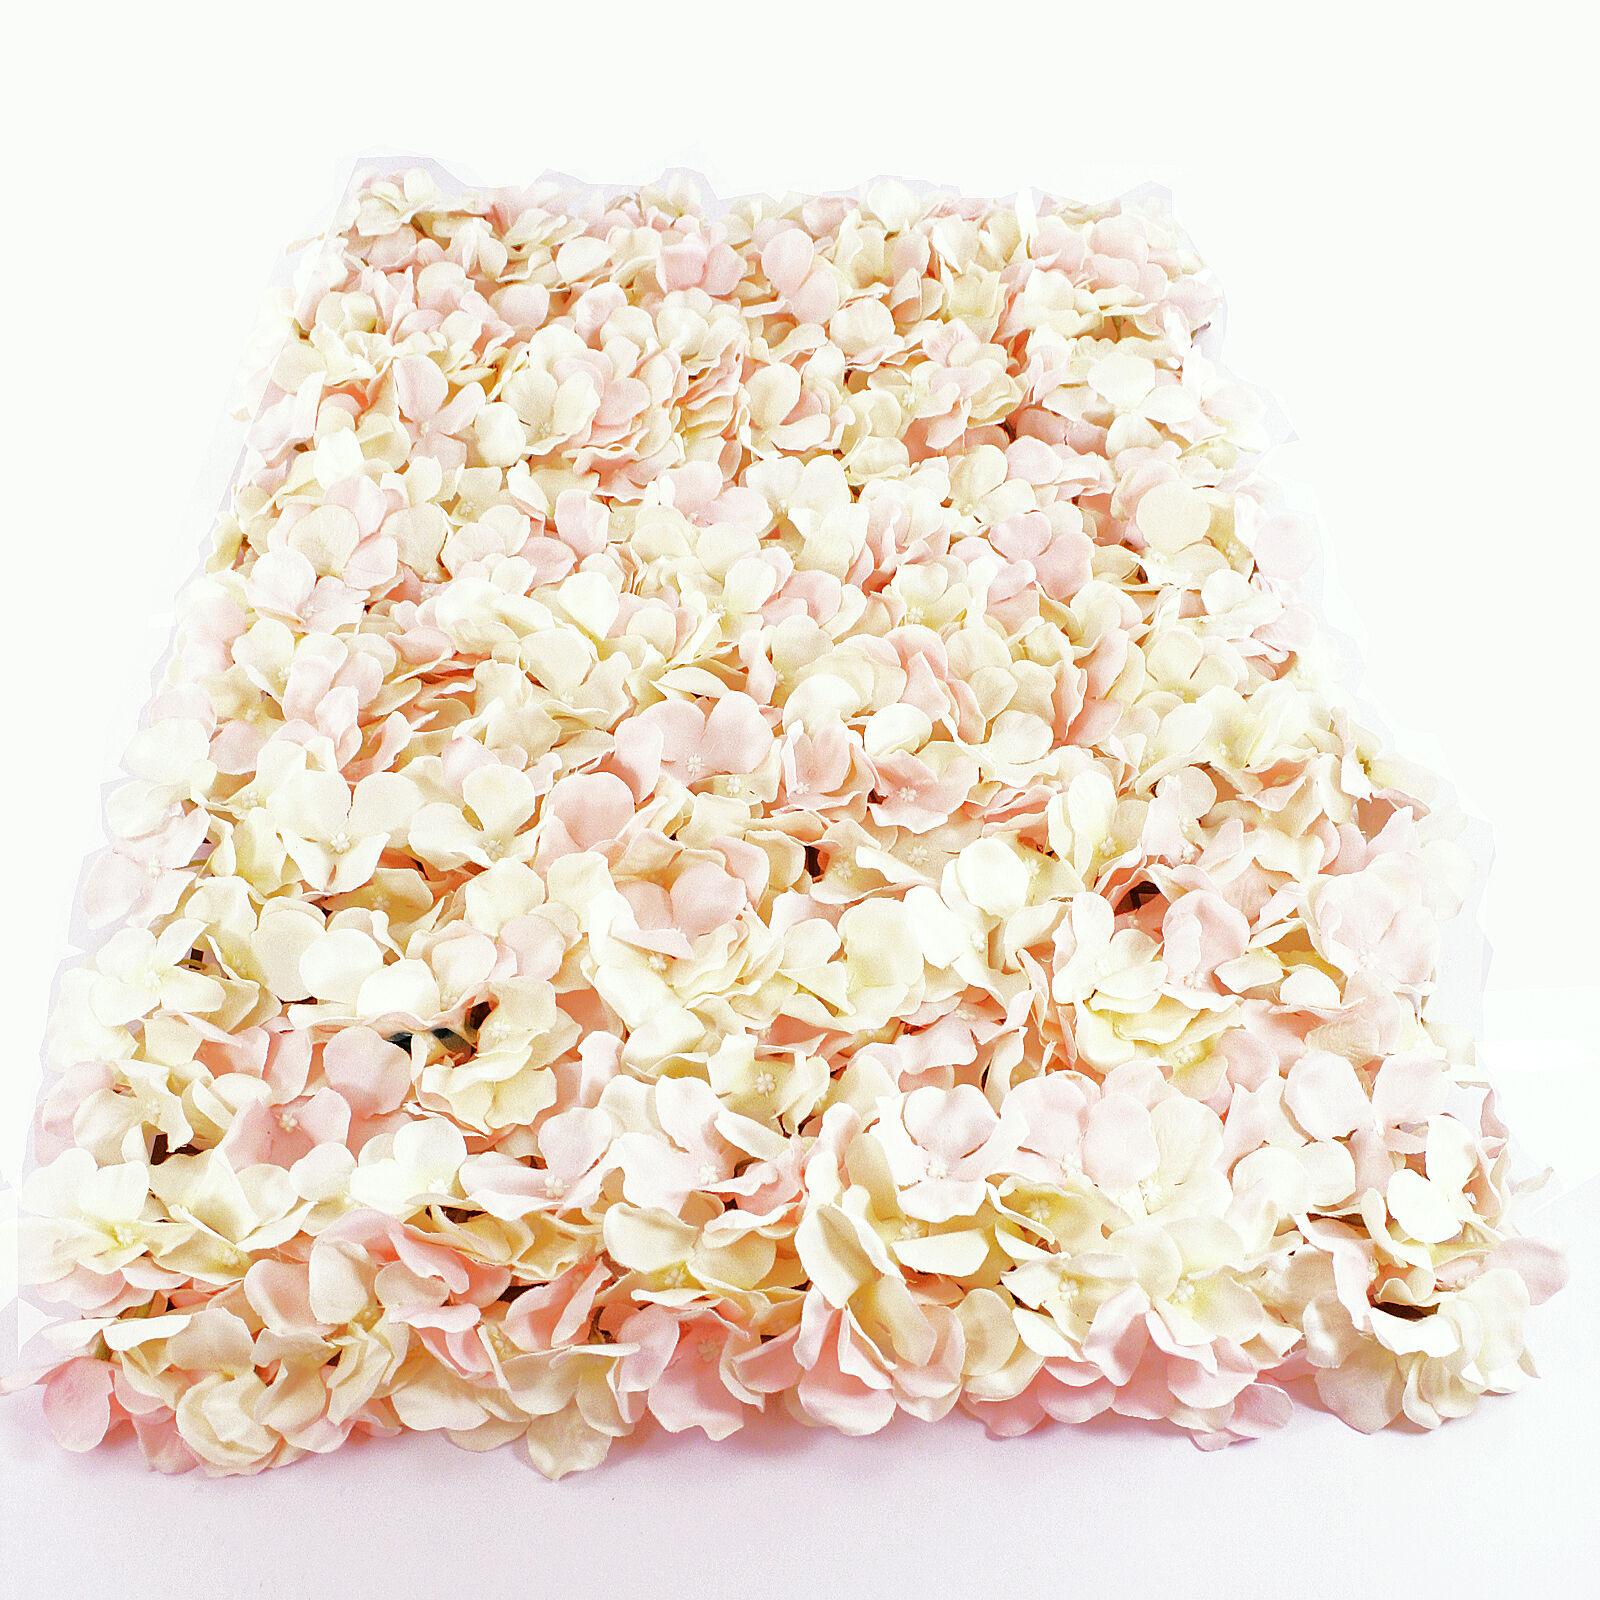 Fiori Di Ortensia Secchi dettagli su fiore placca da parete 40cm x 60cm rosa artificiale ortensia